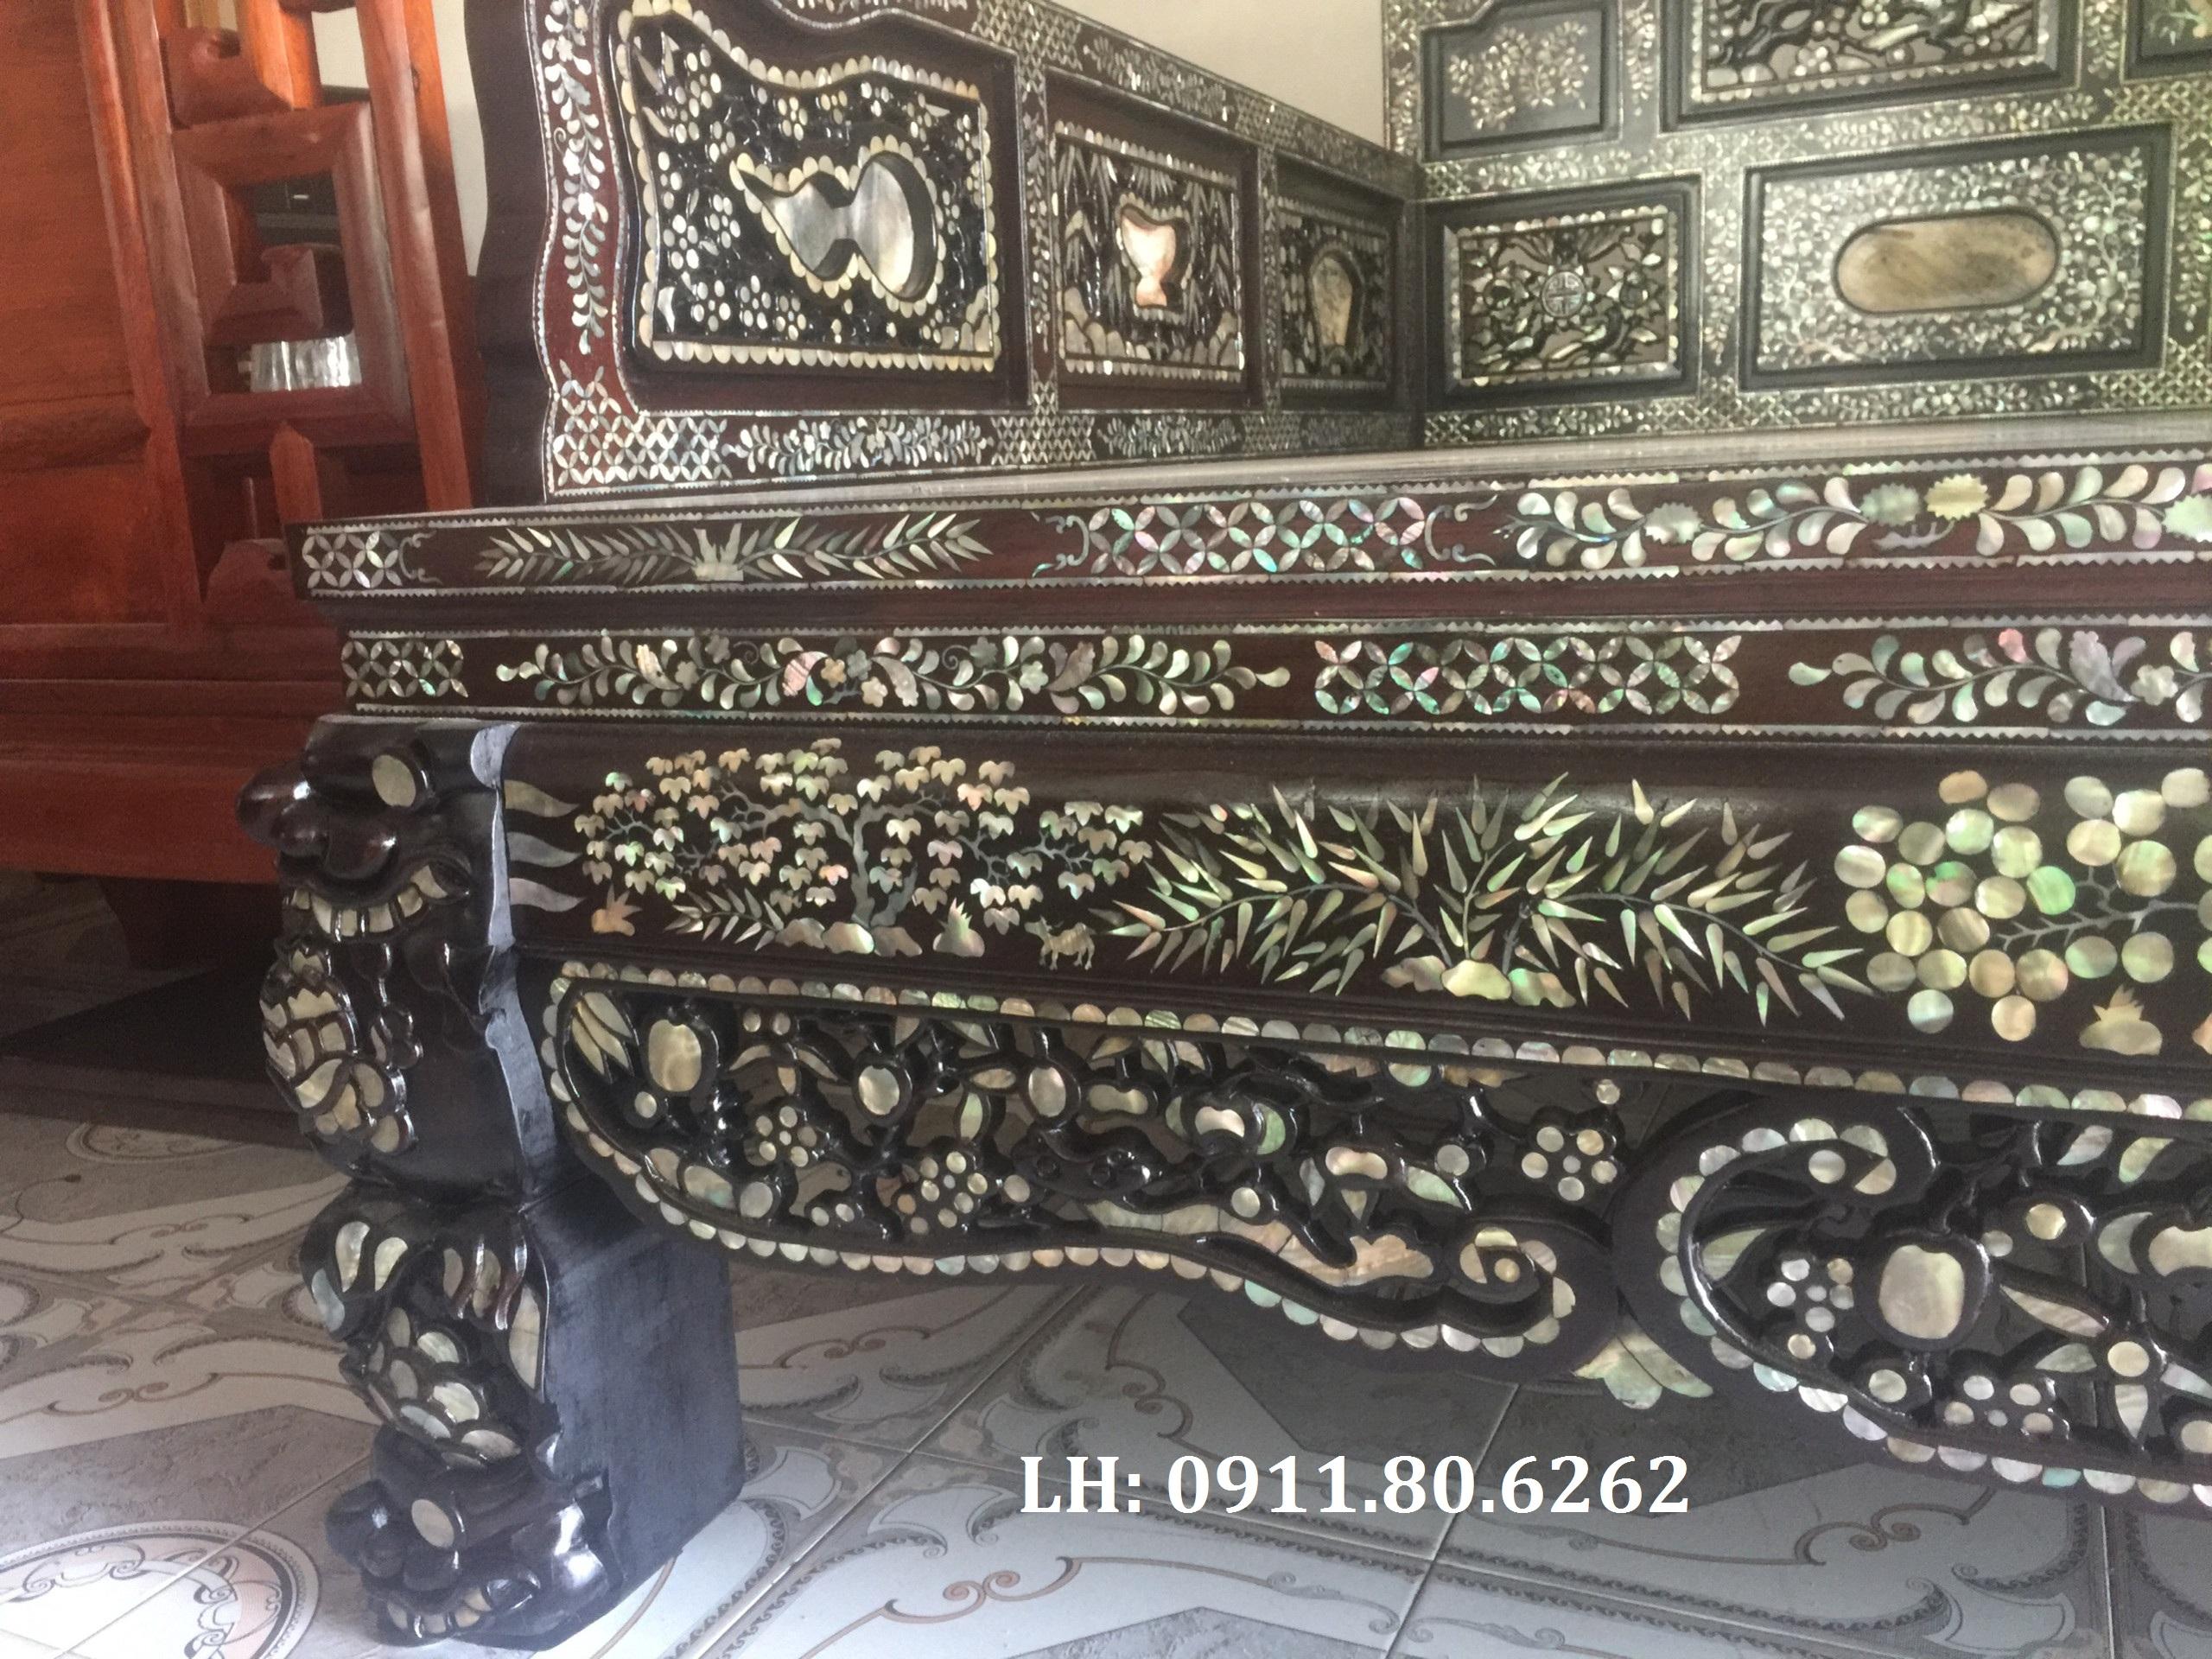 z1050229458137 3b86eba49949c120698ca830e3b6825e - Giường Ngũ Sơn Cẩn Ốc MS: 03